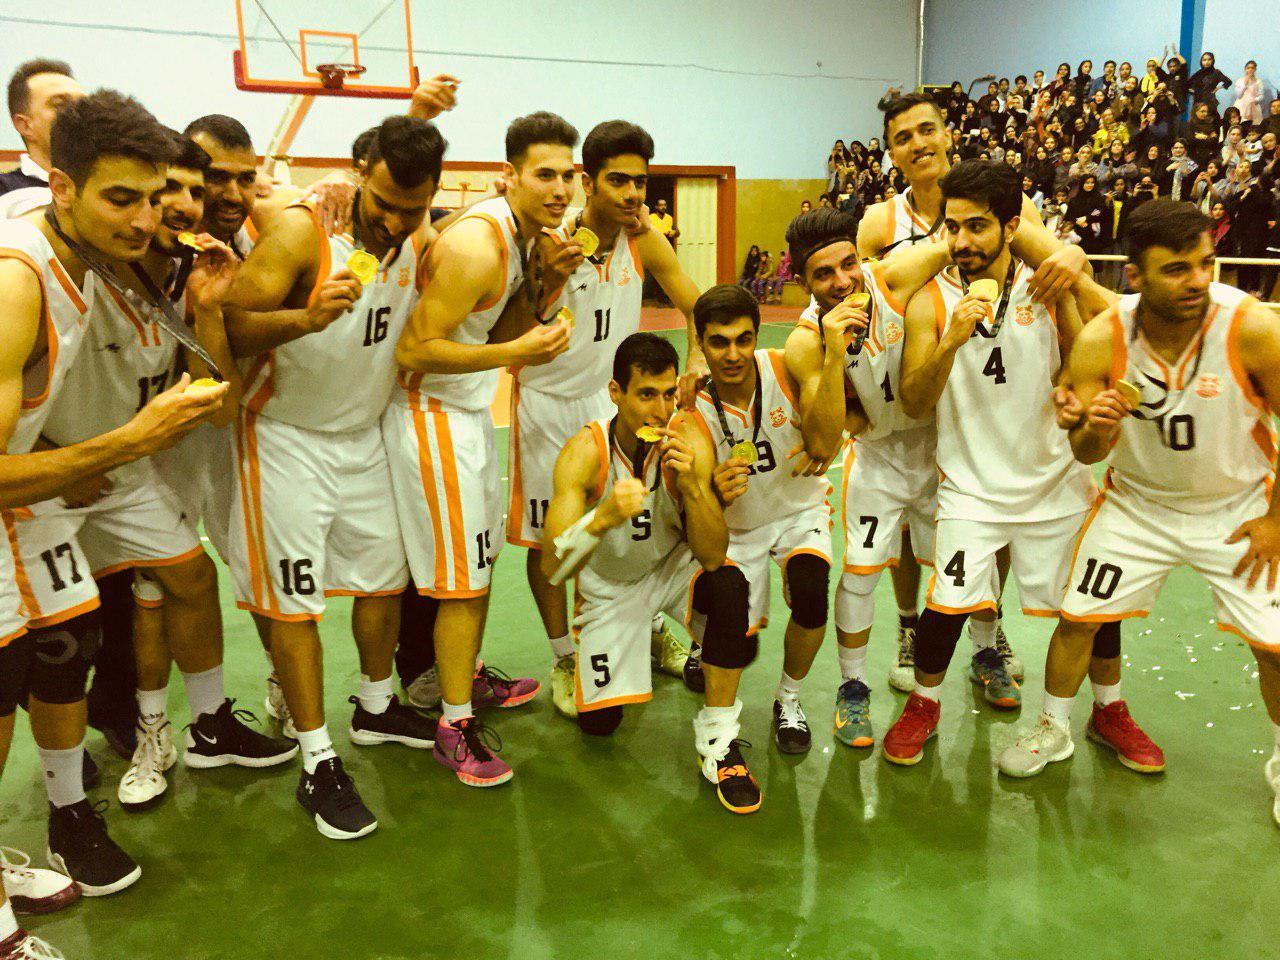 سری دوم قهرمانی تیم بسکتبال مس در گروه جنوب لیگ دسته یک کشور - 12 تصویر